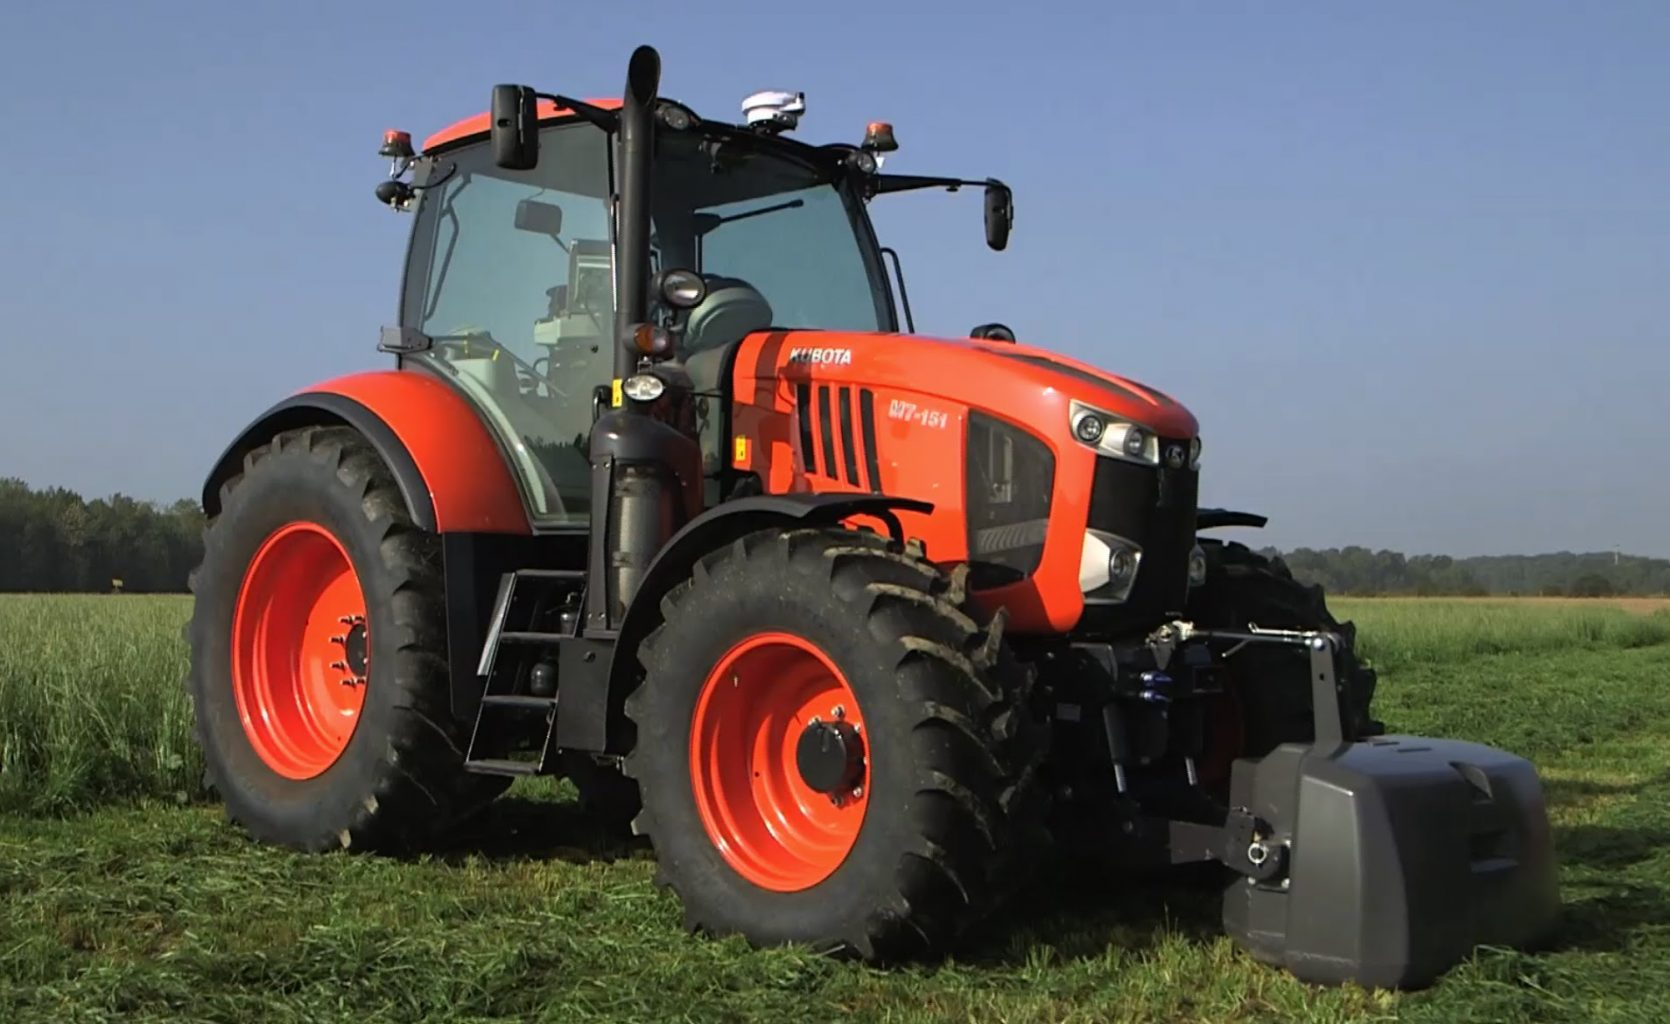 Kubota M Tractor Price on Kubota Turbocharger